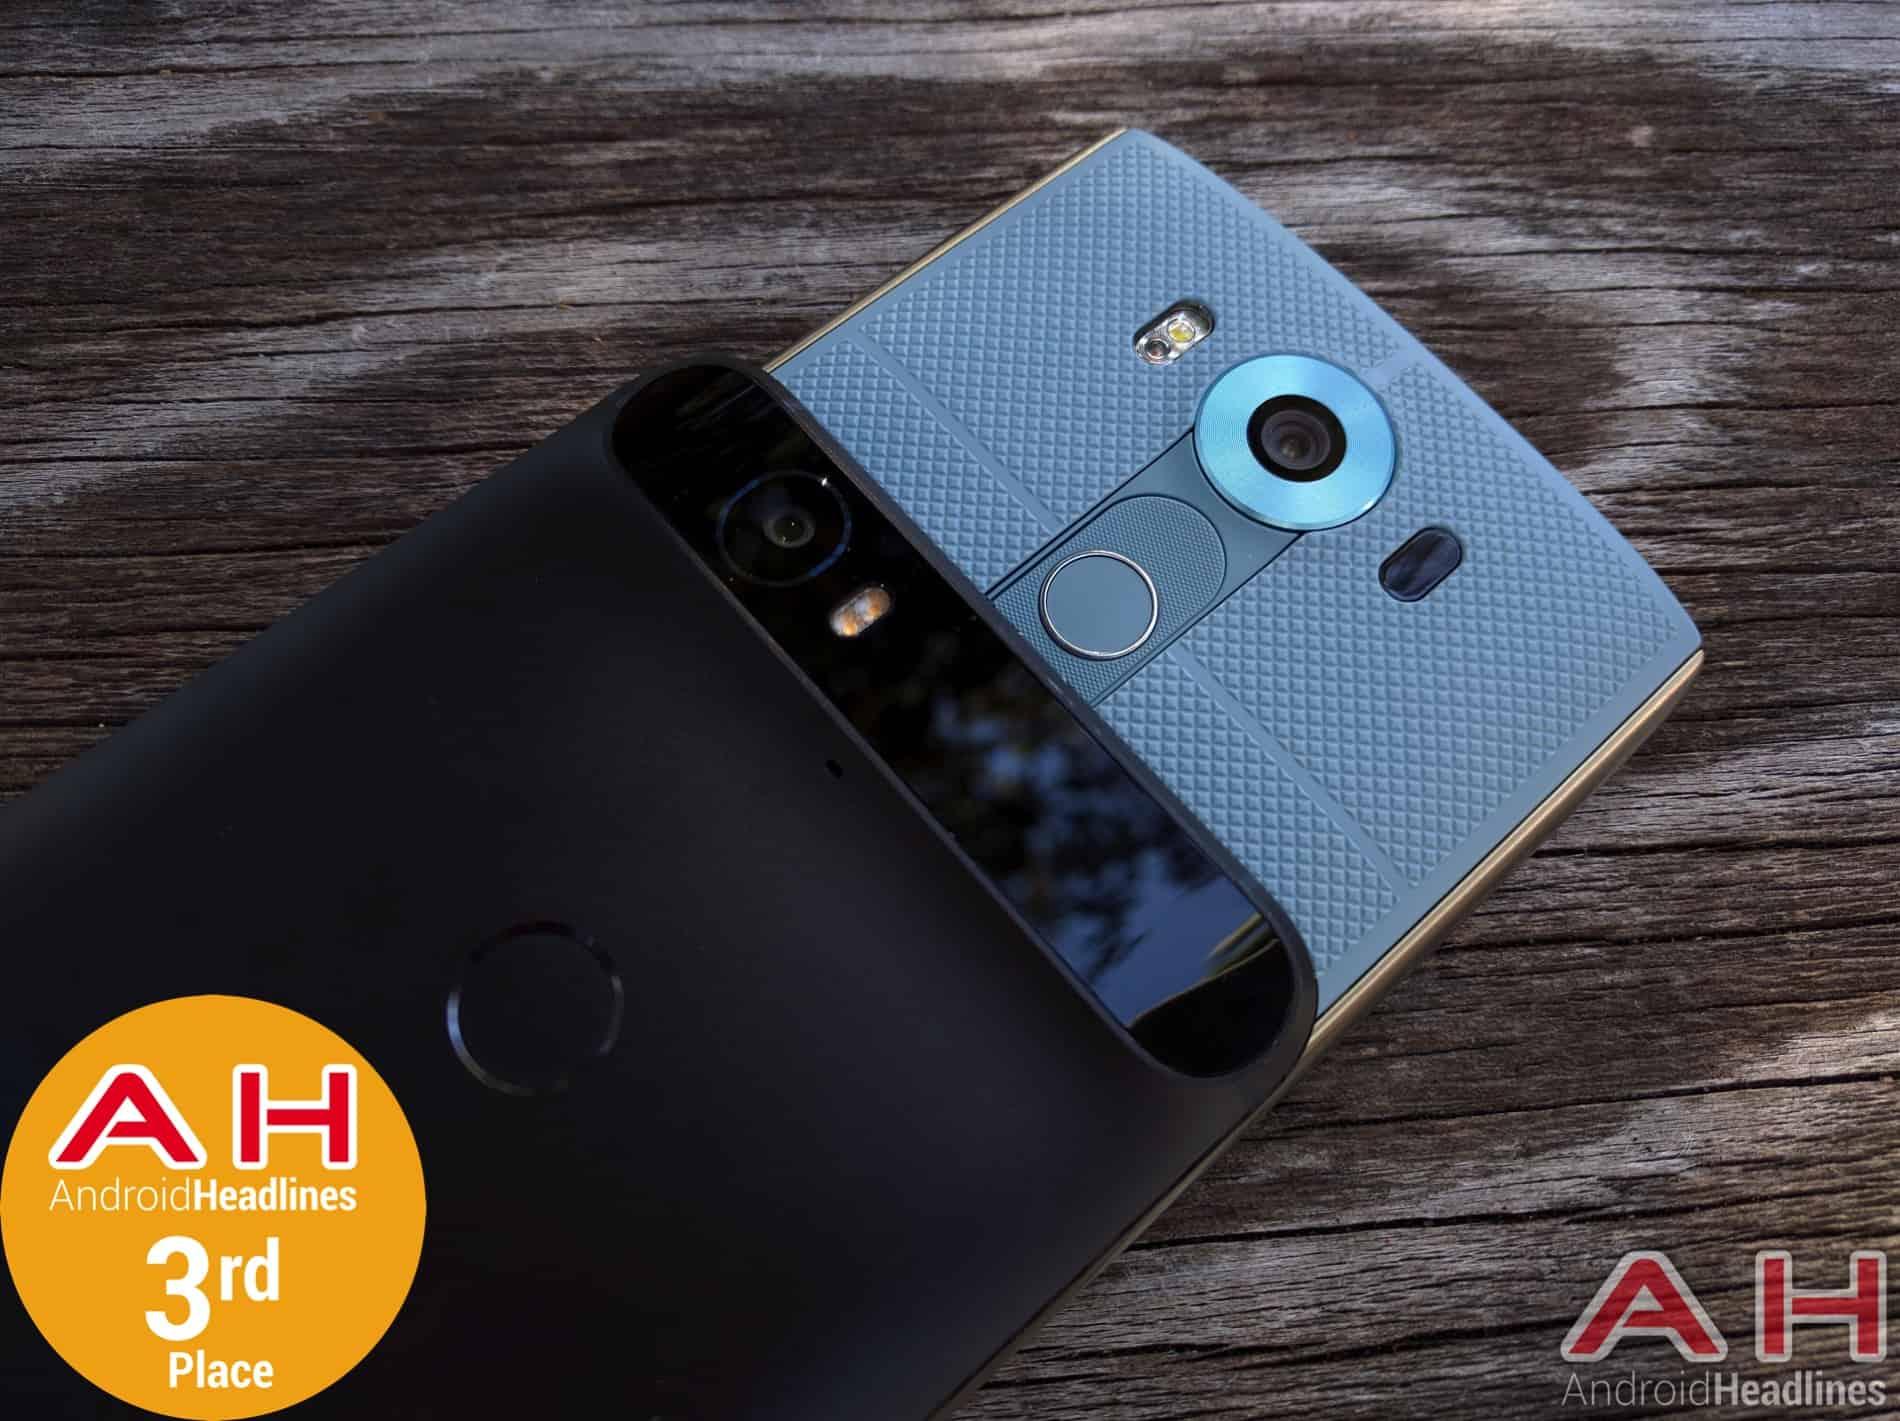 Nexus 6P LG V10 3rd Place 2015